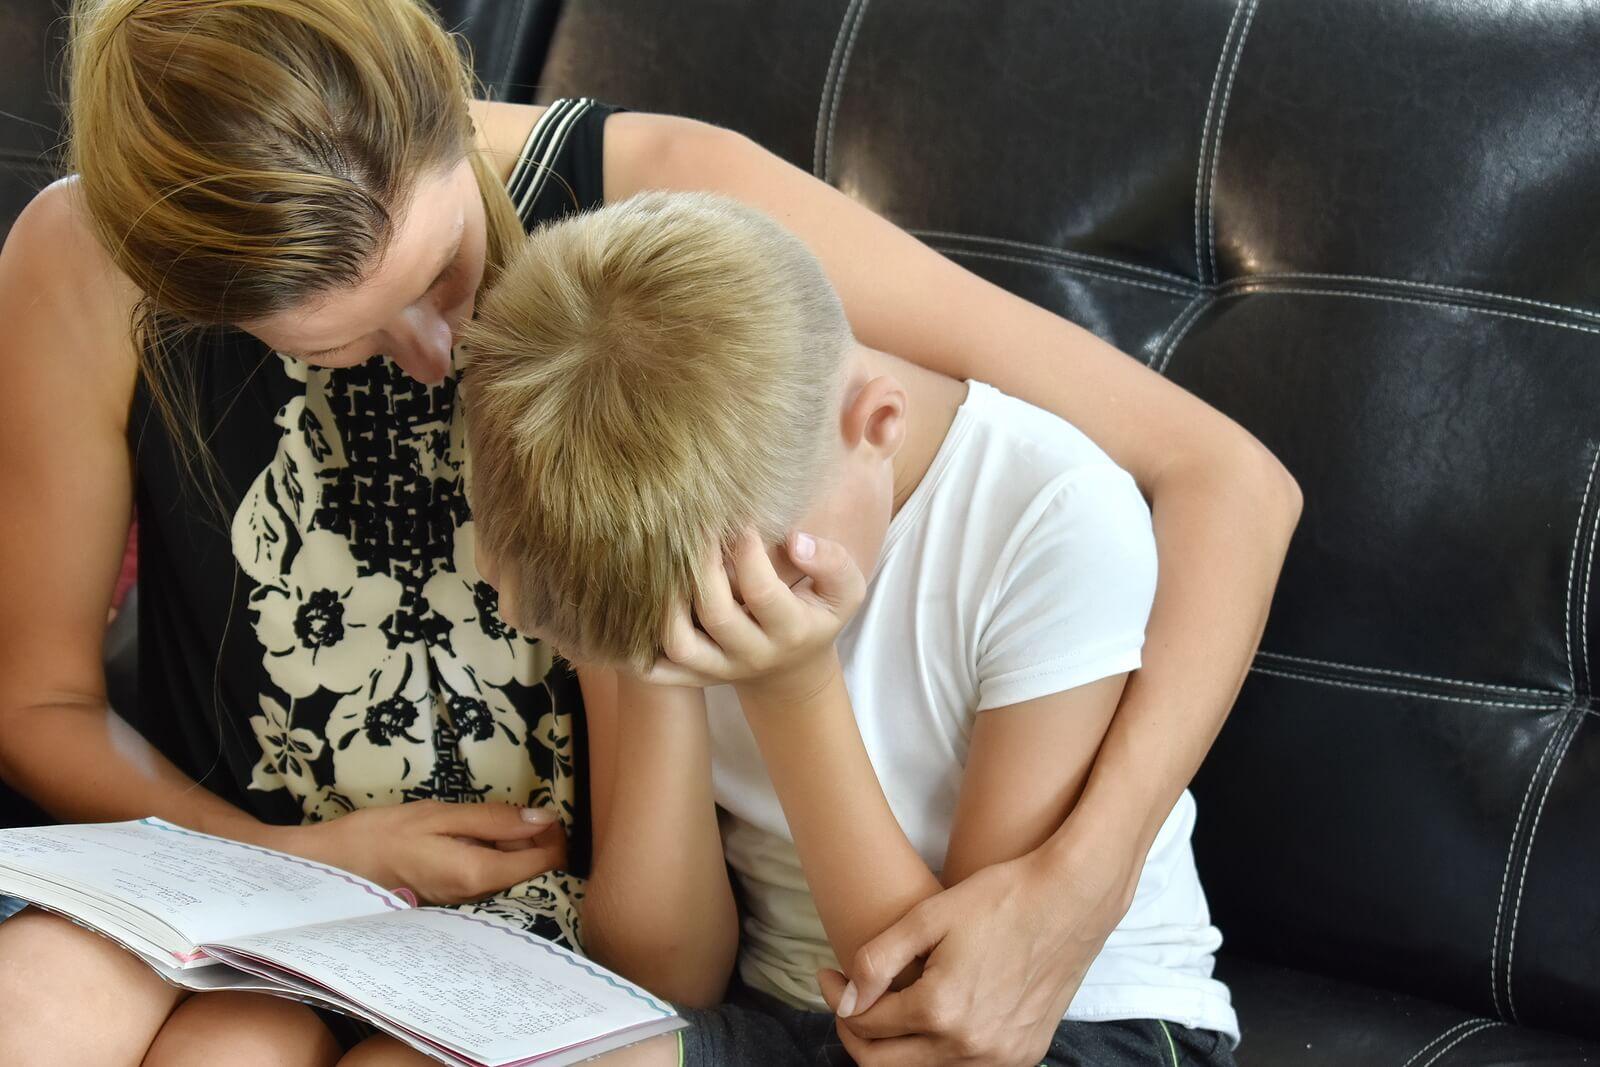 """Madre consolando a su hijo mientras le da un abrazo porque tiene en mente la frase: """"cuando llores, te abrazaré""""."""